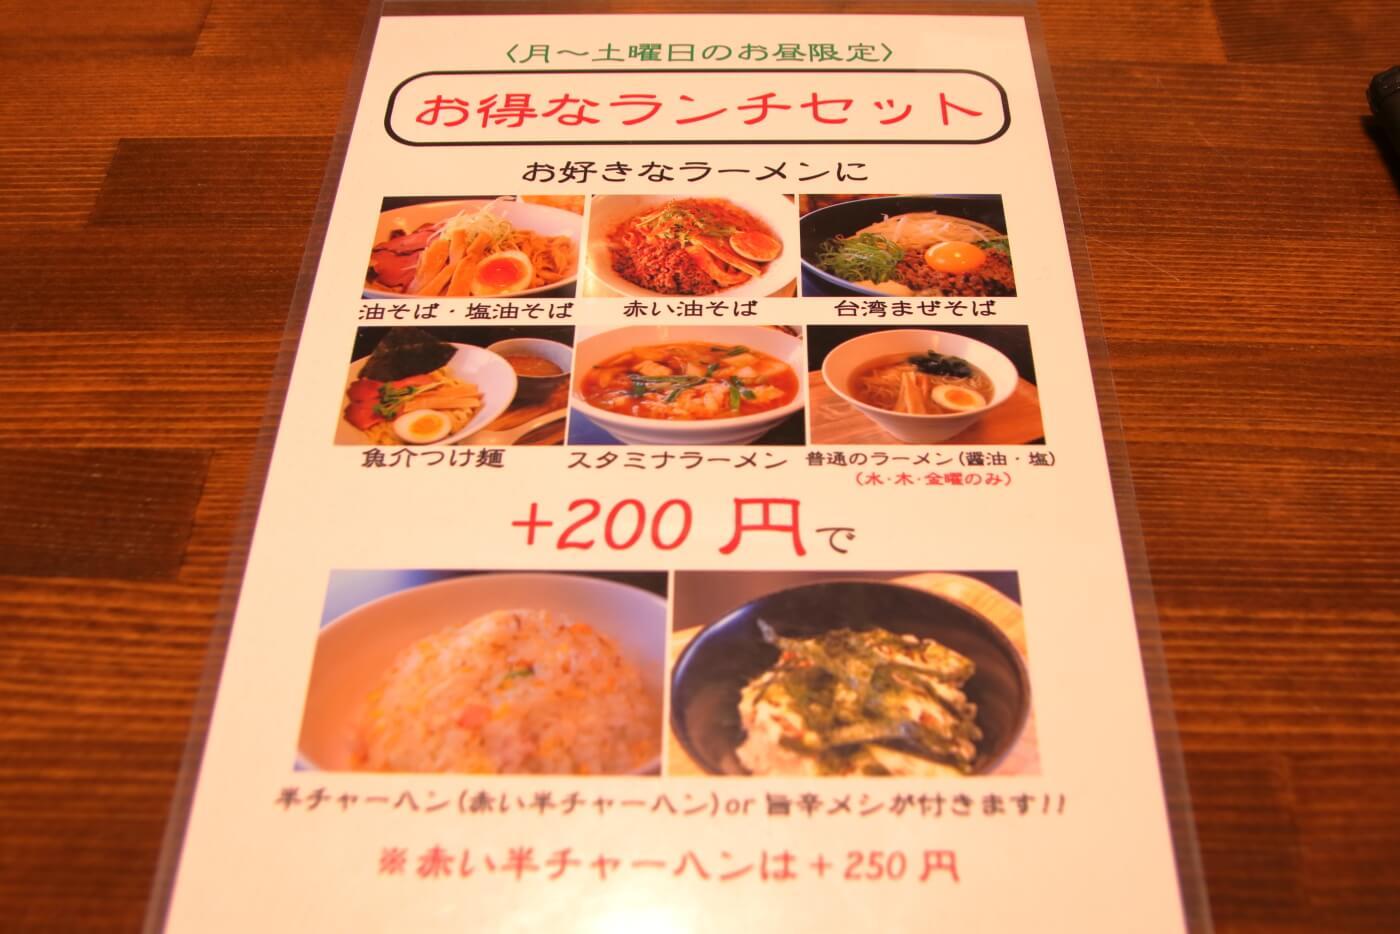 高知市一宮のラーメン店 和へる(あえる)のメニュー